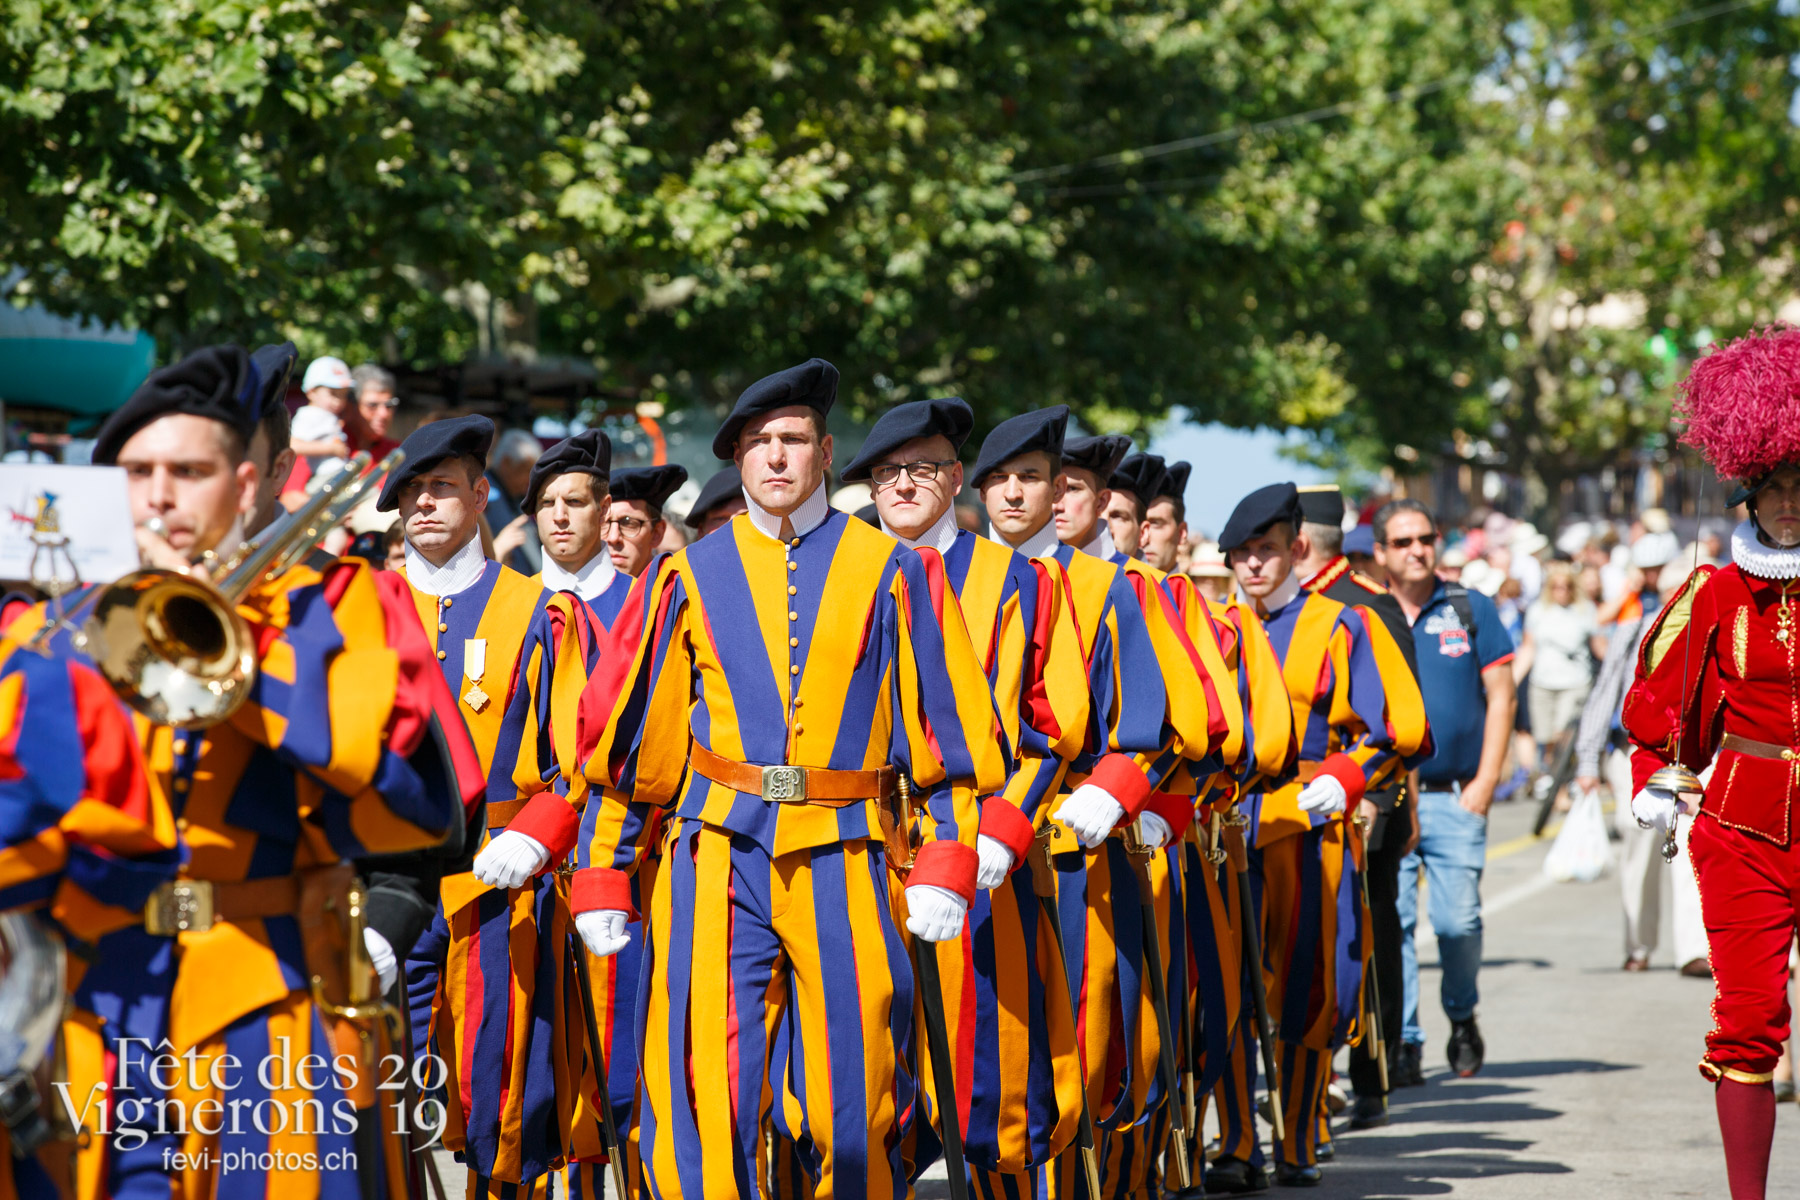 Garde suisse - cortège, défilé, garde suisse. Photographes de la Fête des Vignerons 2019